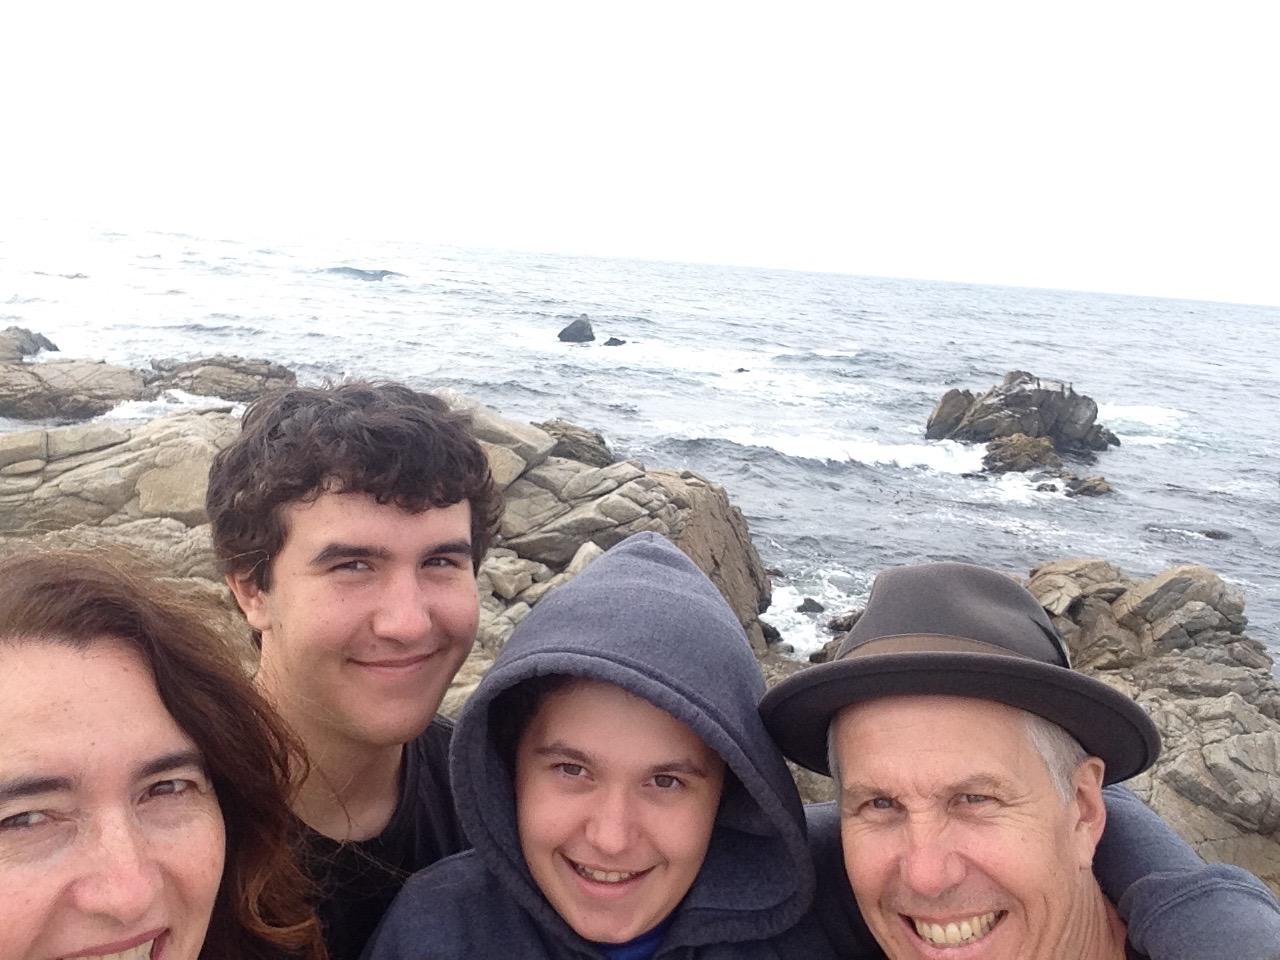 Family on the beach in Carmel